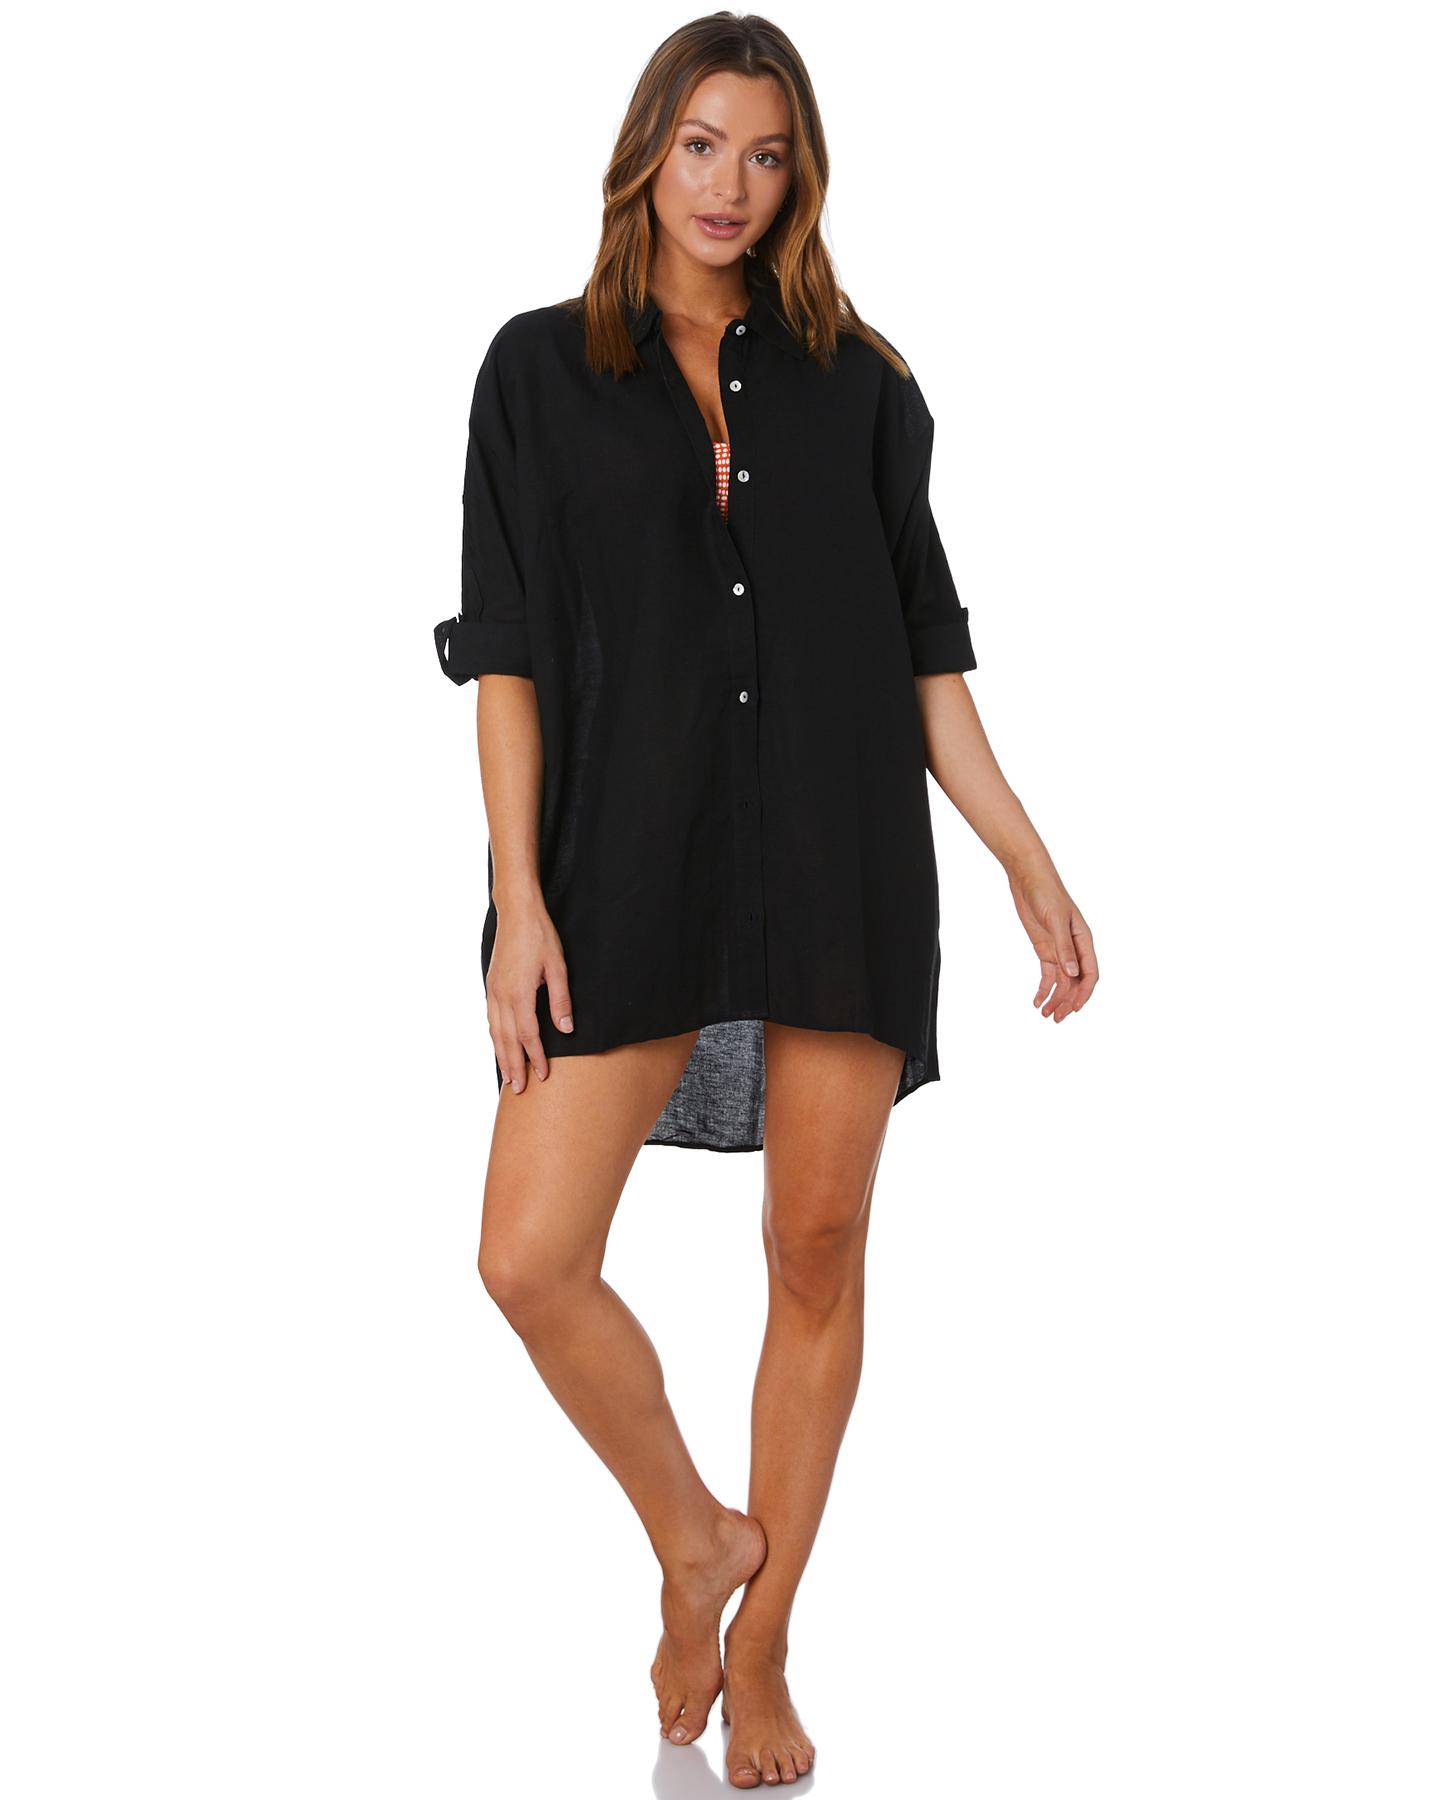 Seafolly Light Weight Linen Blend Shirt Black